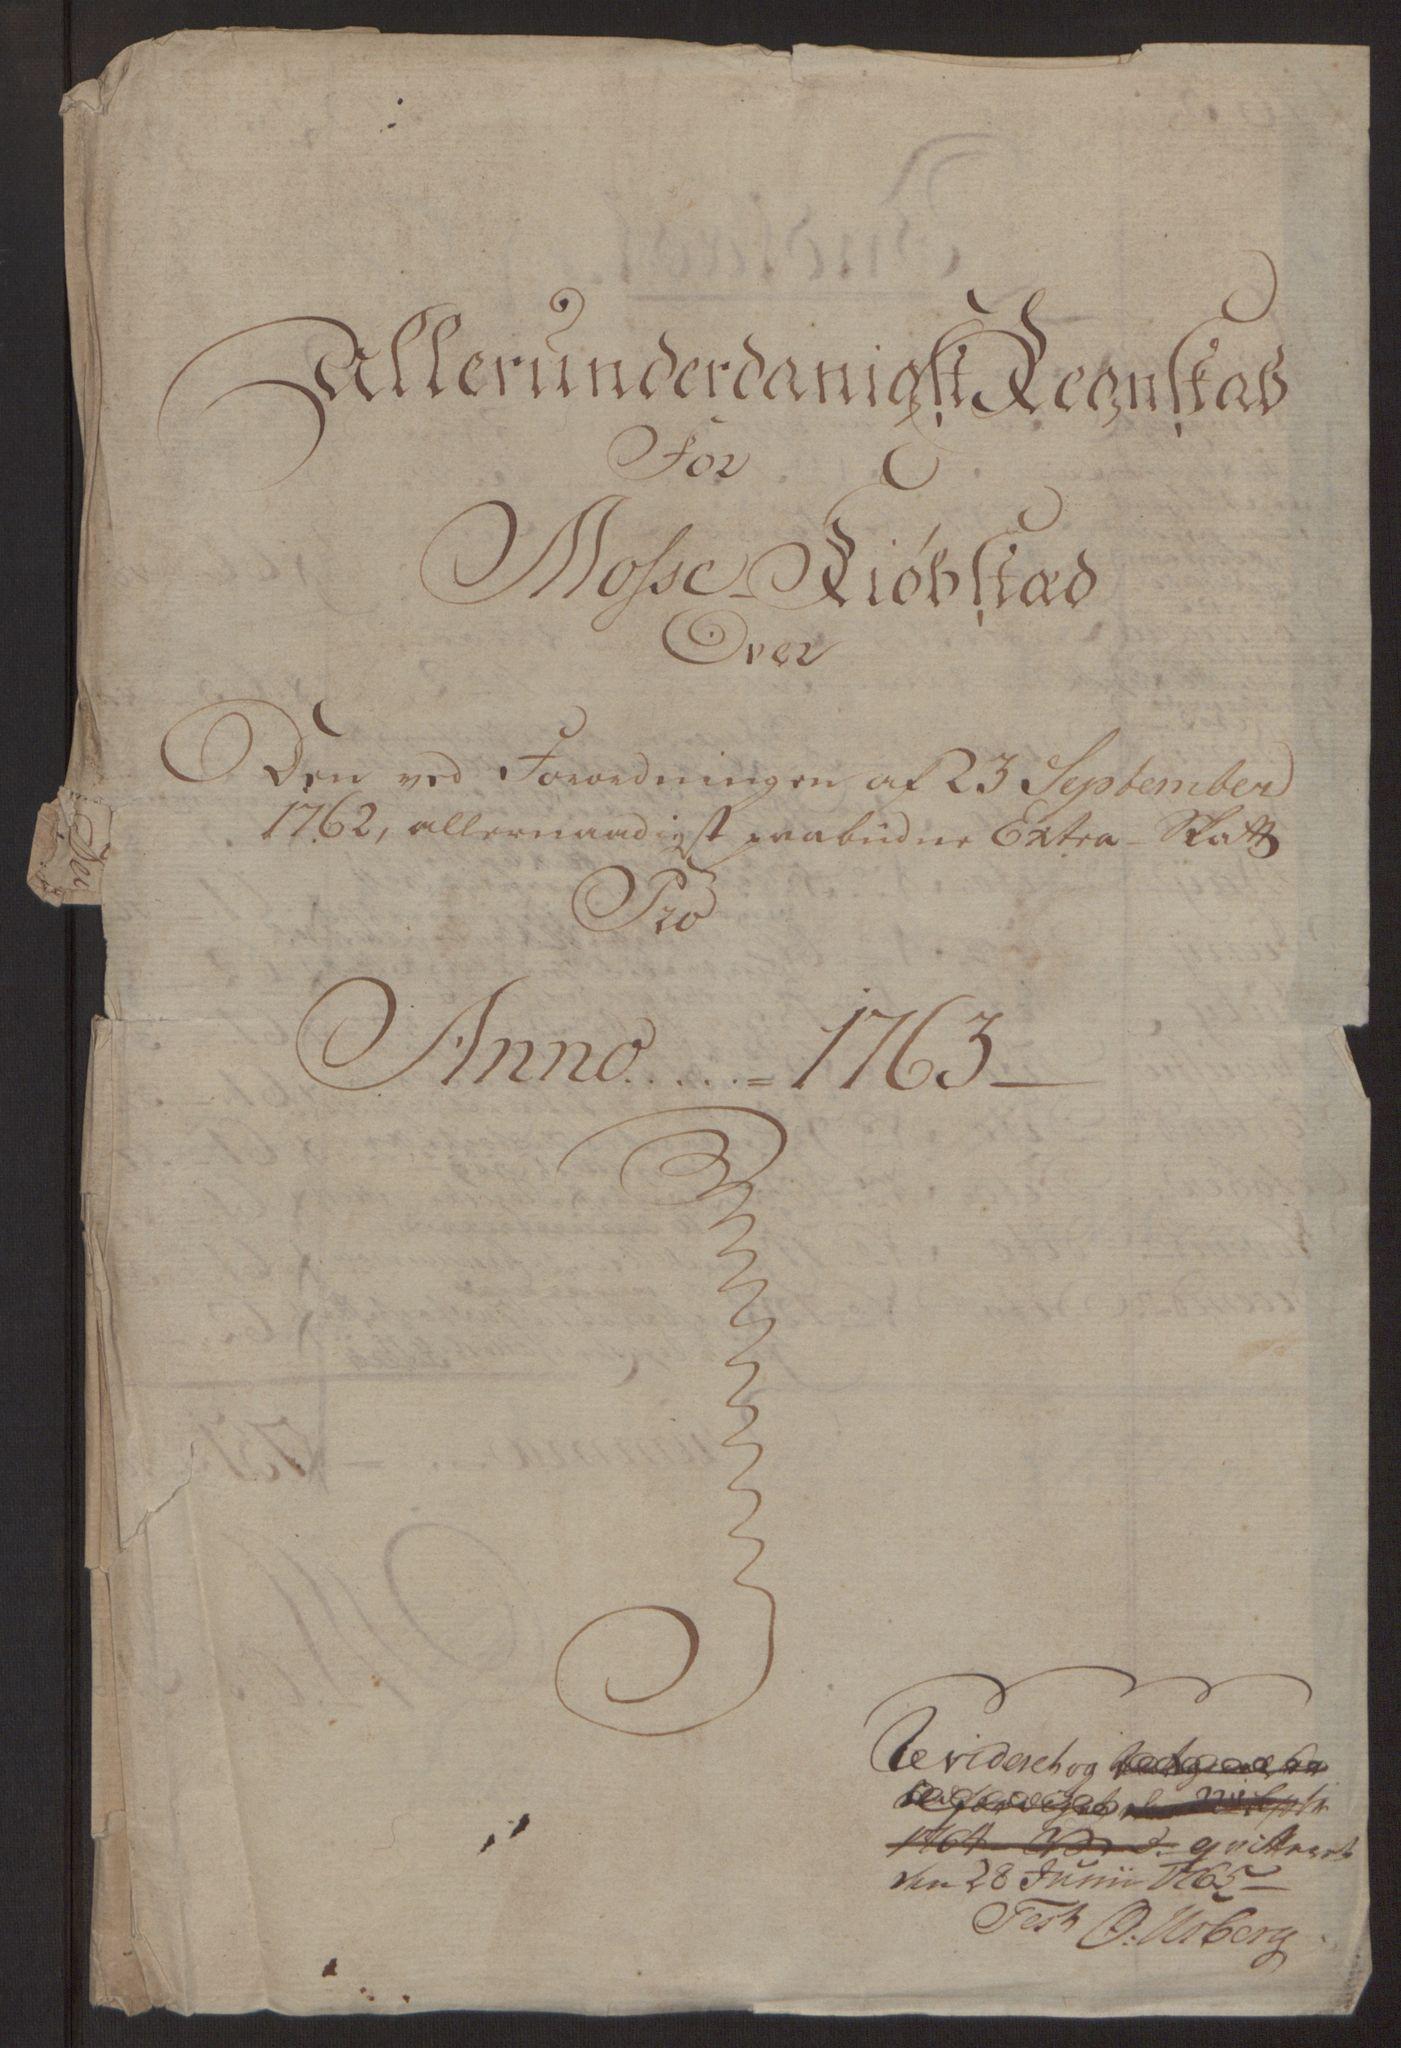 RA, Rentekammeret inntil 1814, Reviderte regnskaper, Byregnskaper, R/Rc/L0042: [C1] Kontribusjonsregnskap, 1762-1765, s. 53